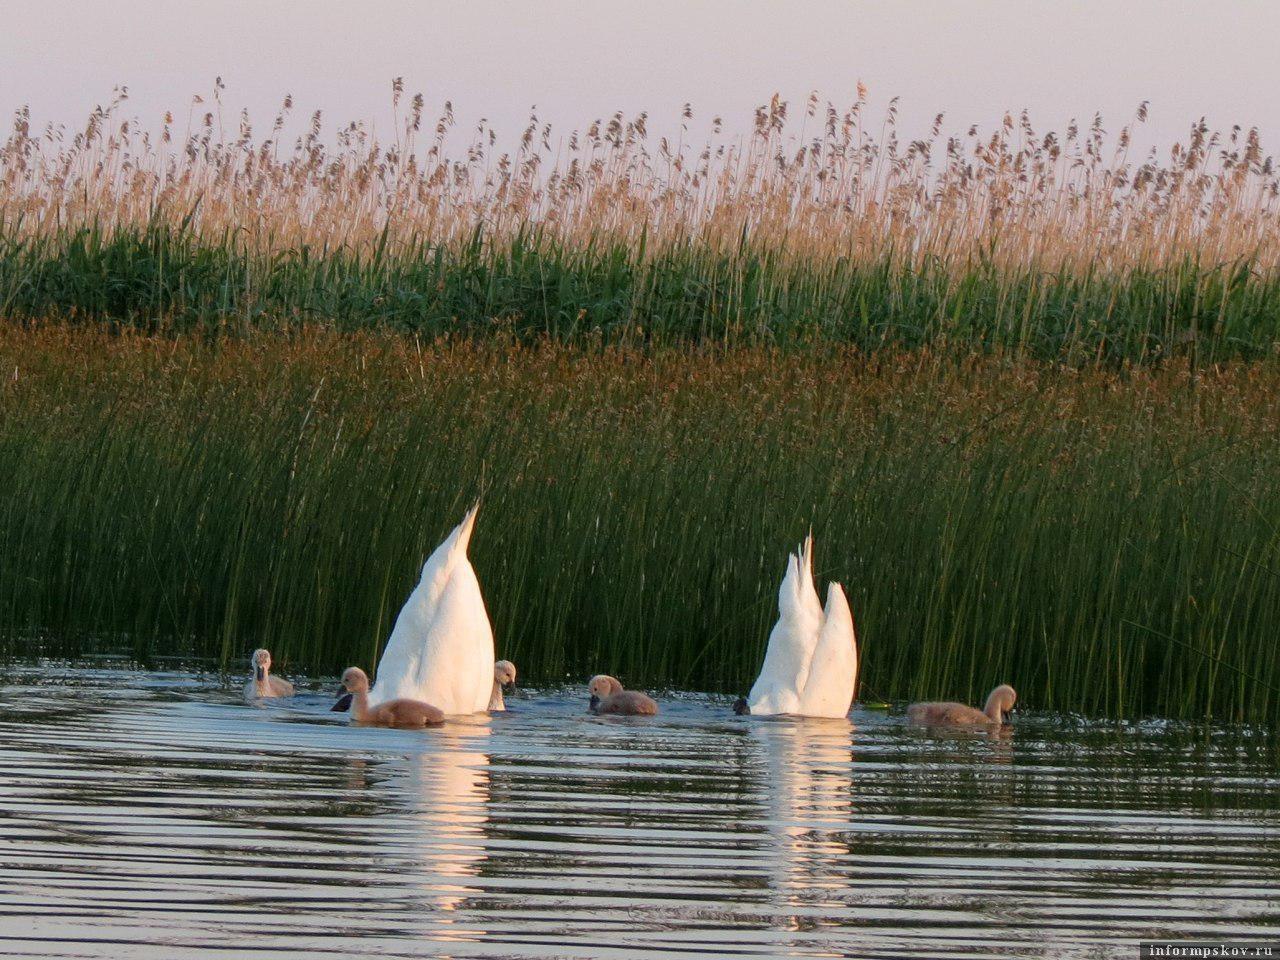 Это лебединое семейство я вижу почти на каждой рыбалке. Наблюдать за ними очень любопытно.